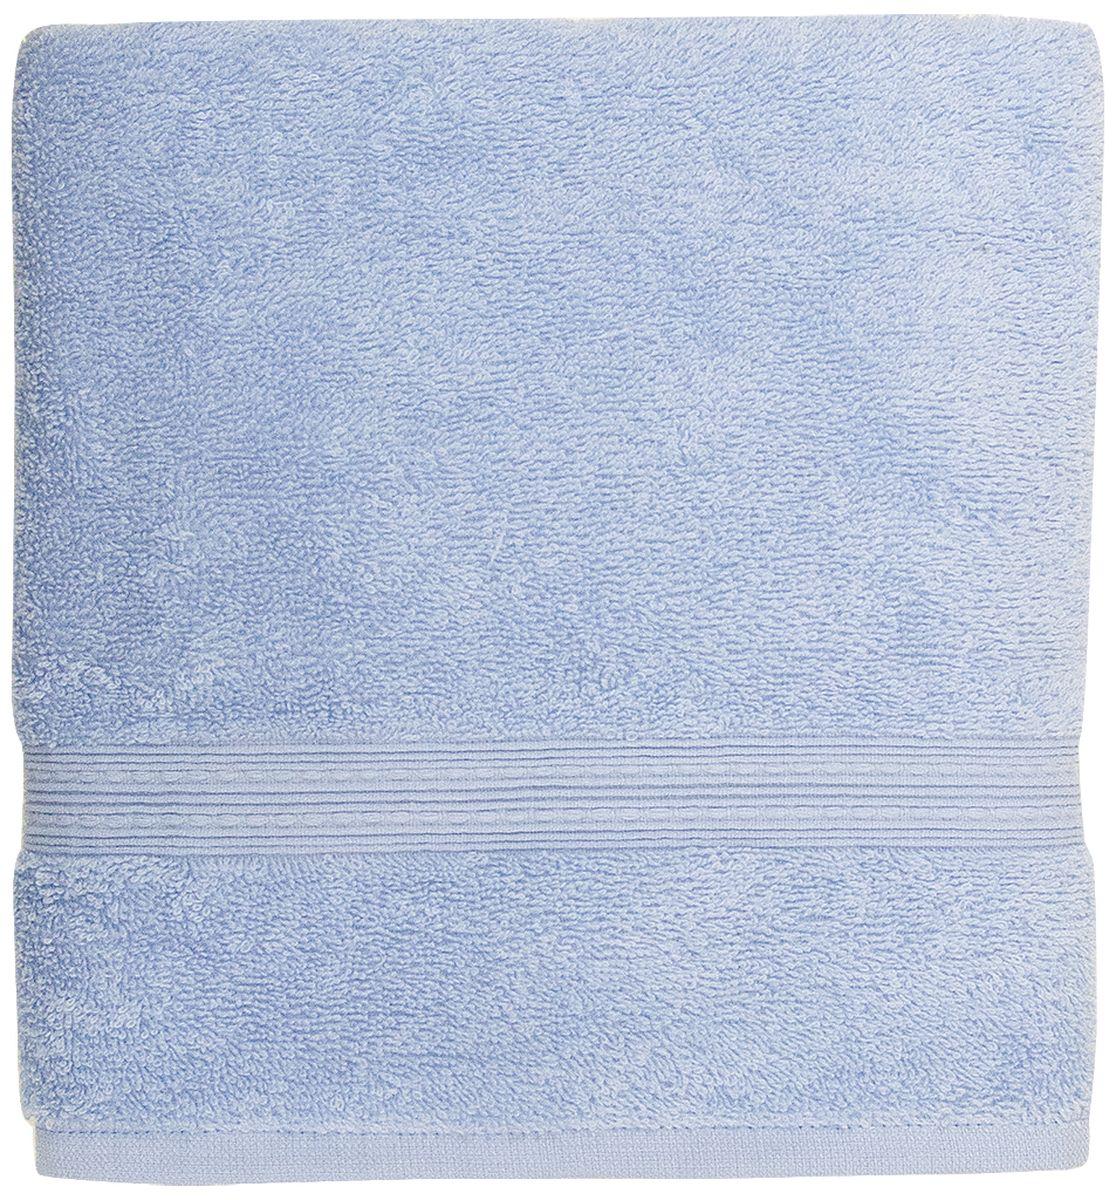 Полотенце банное Bonita Classic, цвет: азур, 50 x 90 см1011217219Банное полотенце Bonita Classic выполнено из 100% хлопка. Изделие отлично впитывает влагу, быстро сохнет, сохраняет яркость цвета и не теряет форму даже после многократных стирок. Такое полотенце очень практично и неприхотливо в уходе. Оно создаст прекрасное настроение и украсит интерьер в ванной комнате.